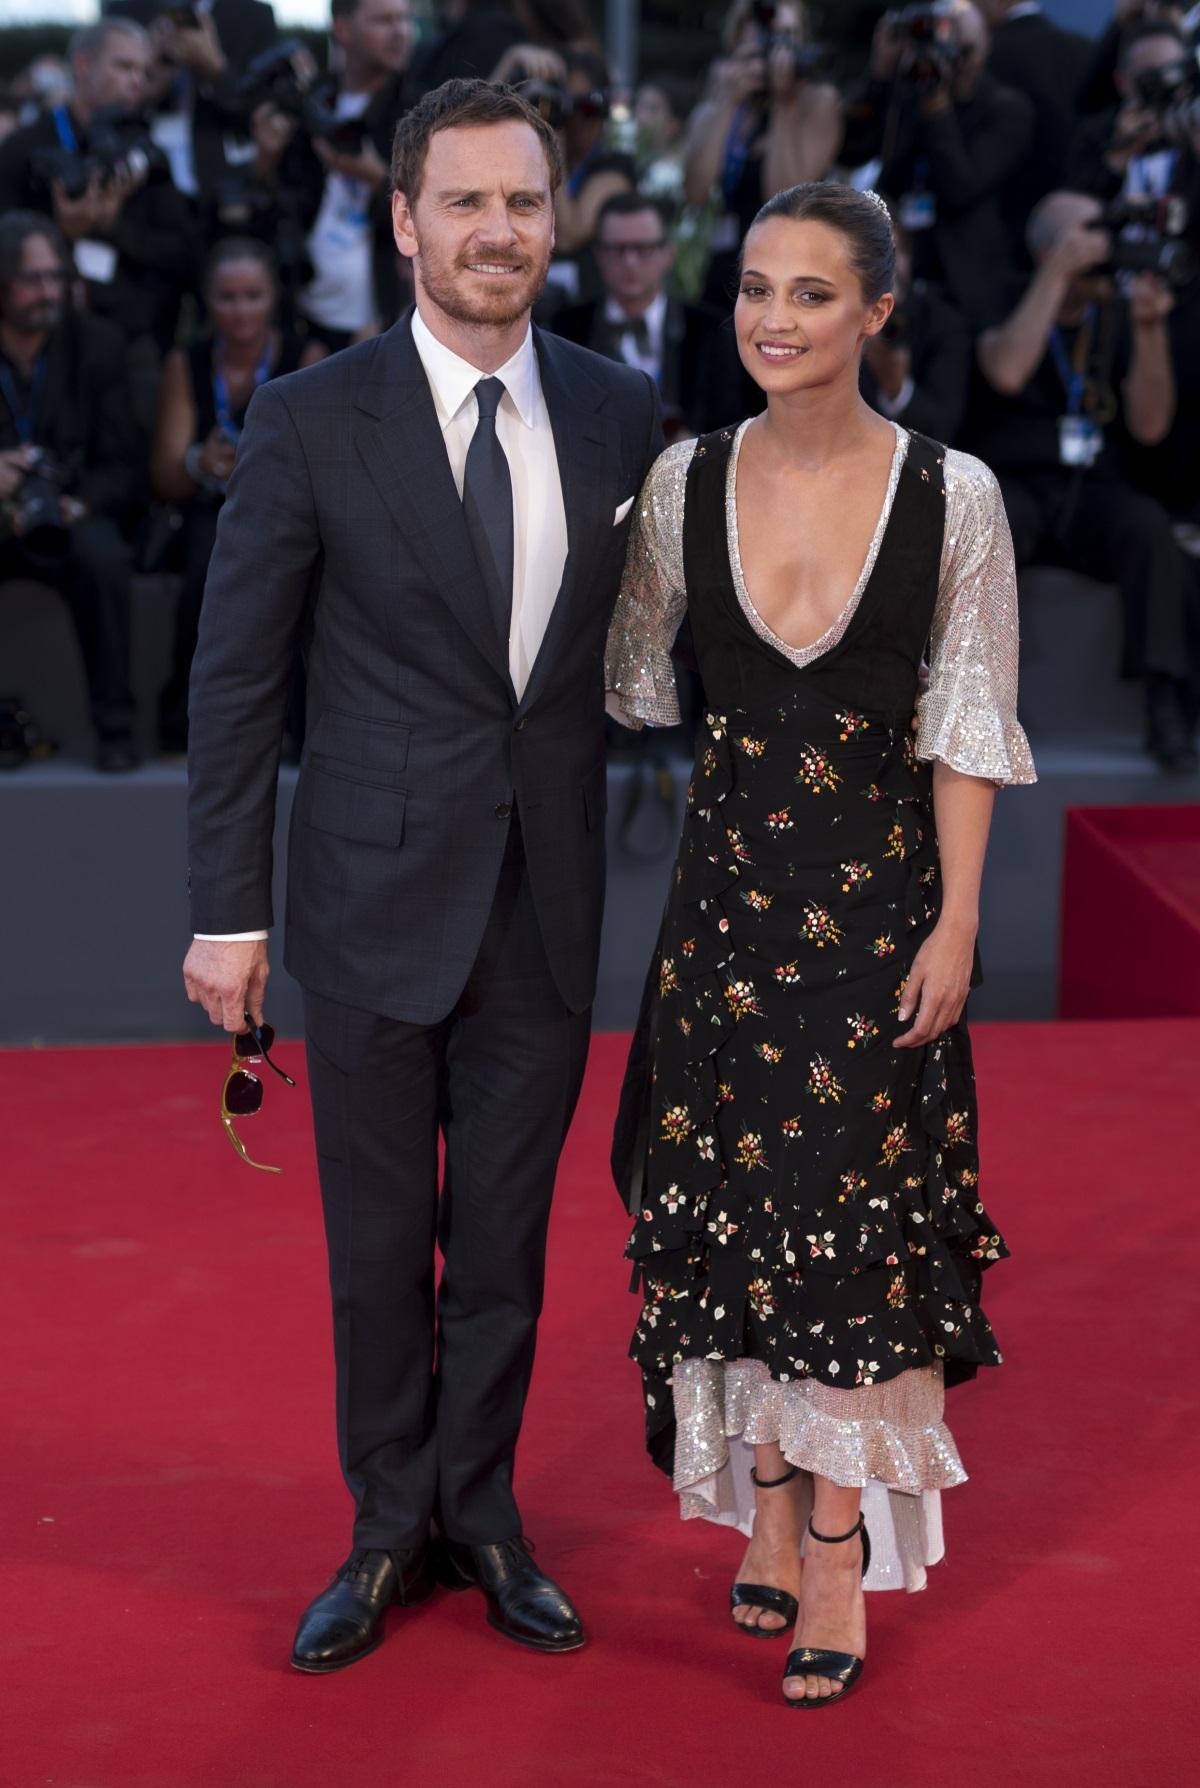 Звездите на Холивуд Алисия Викандер иМайкъл Фасбендър се венчаха тайно в Ибиза през октомври 2017 г. На сватбата са присъствали само най-близките им приятели и роднини.